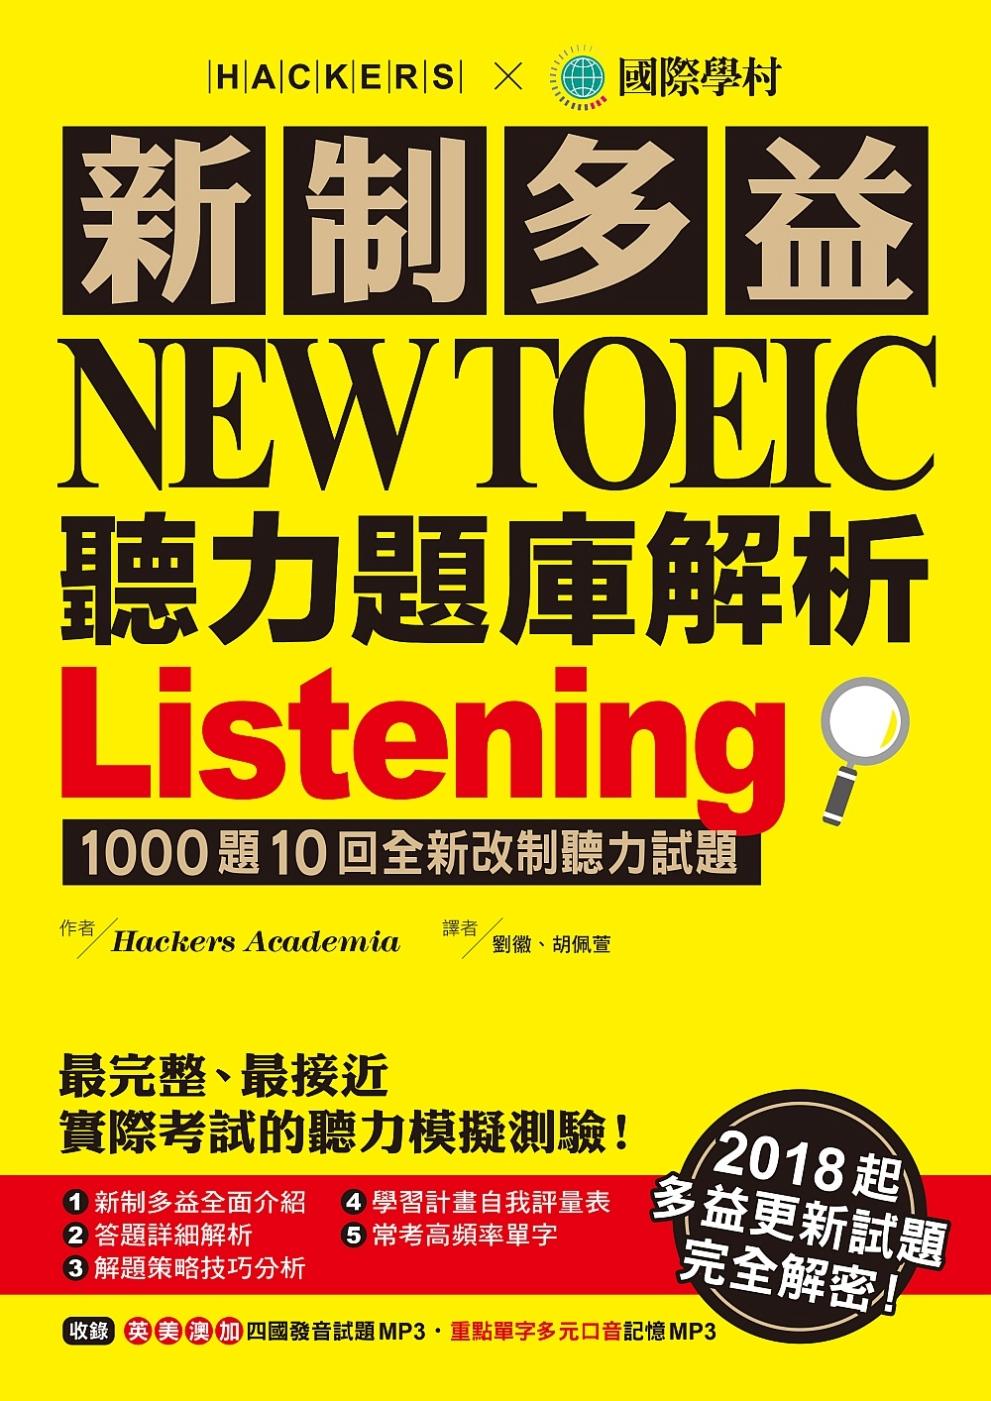 新制多益NEW TOEIC聽力題庫解析:2018起多益更新試題完全解密!(雙書裝+3 MP3)